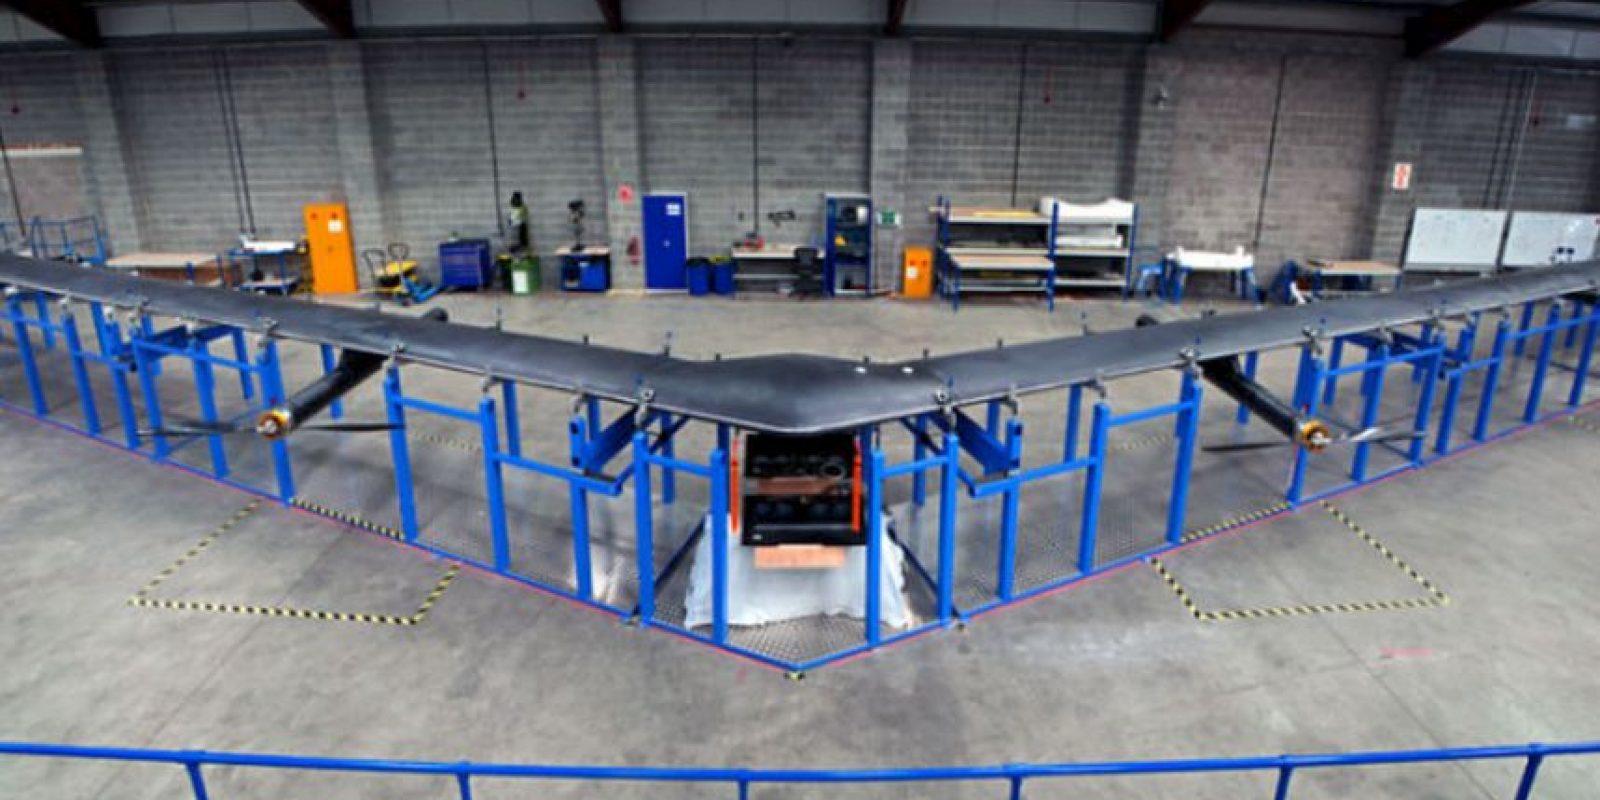 Tiene el tamaño de un Boeing 767 (avión comercial), sin embargo, utiliza materiales ligeros que permiten que pesan menos de un coche Foto:Facebook